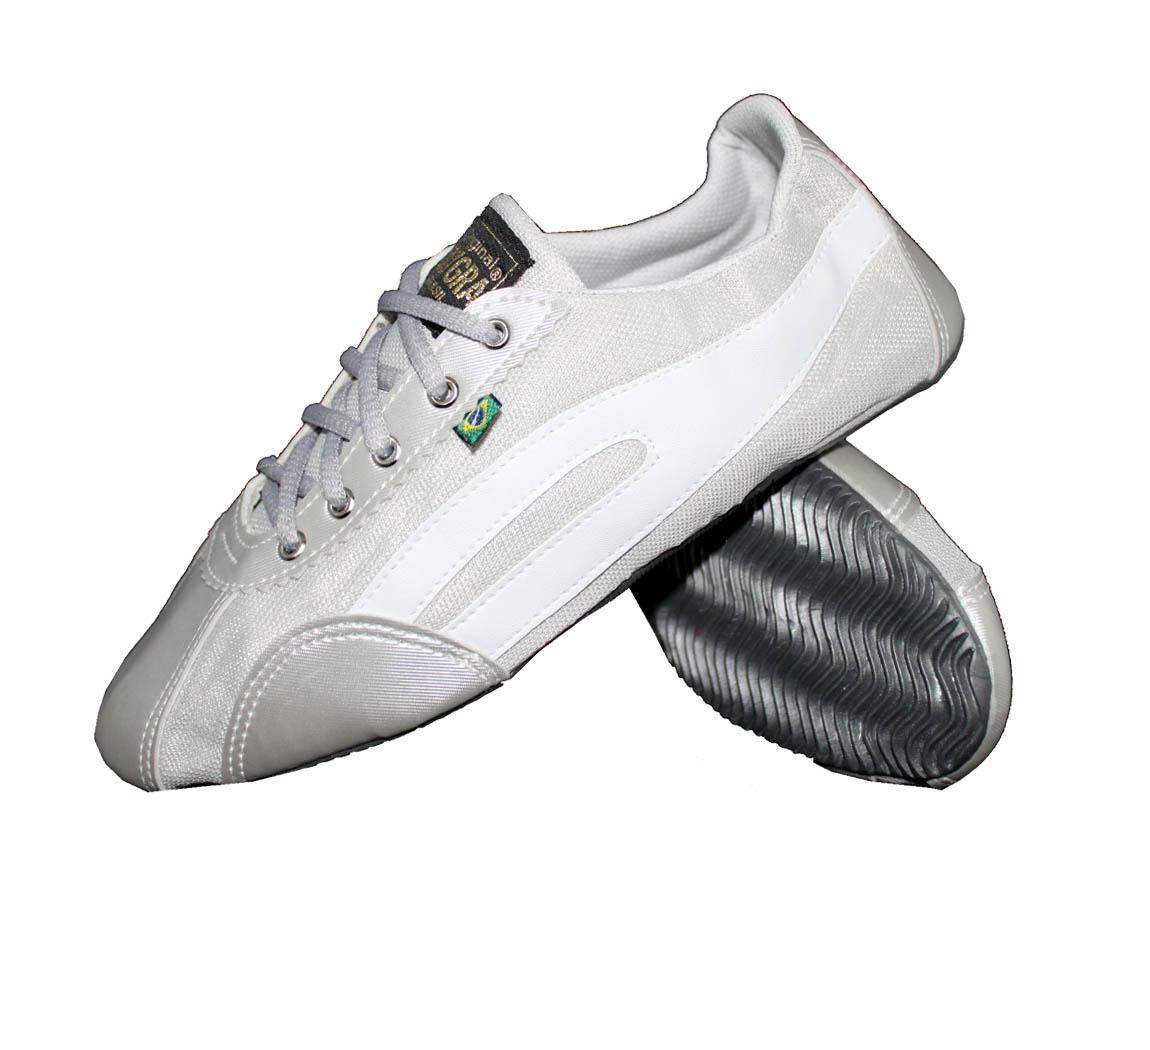 Chaussures de promenade en cuir sud Coton recycl